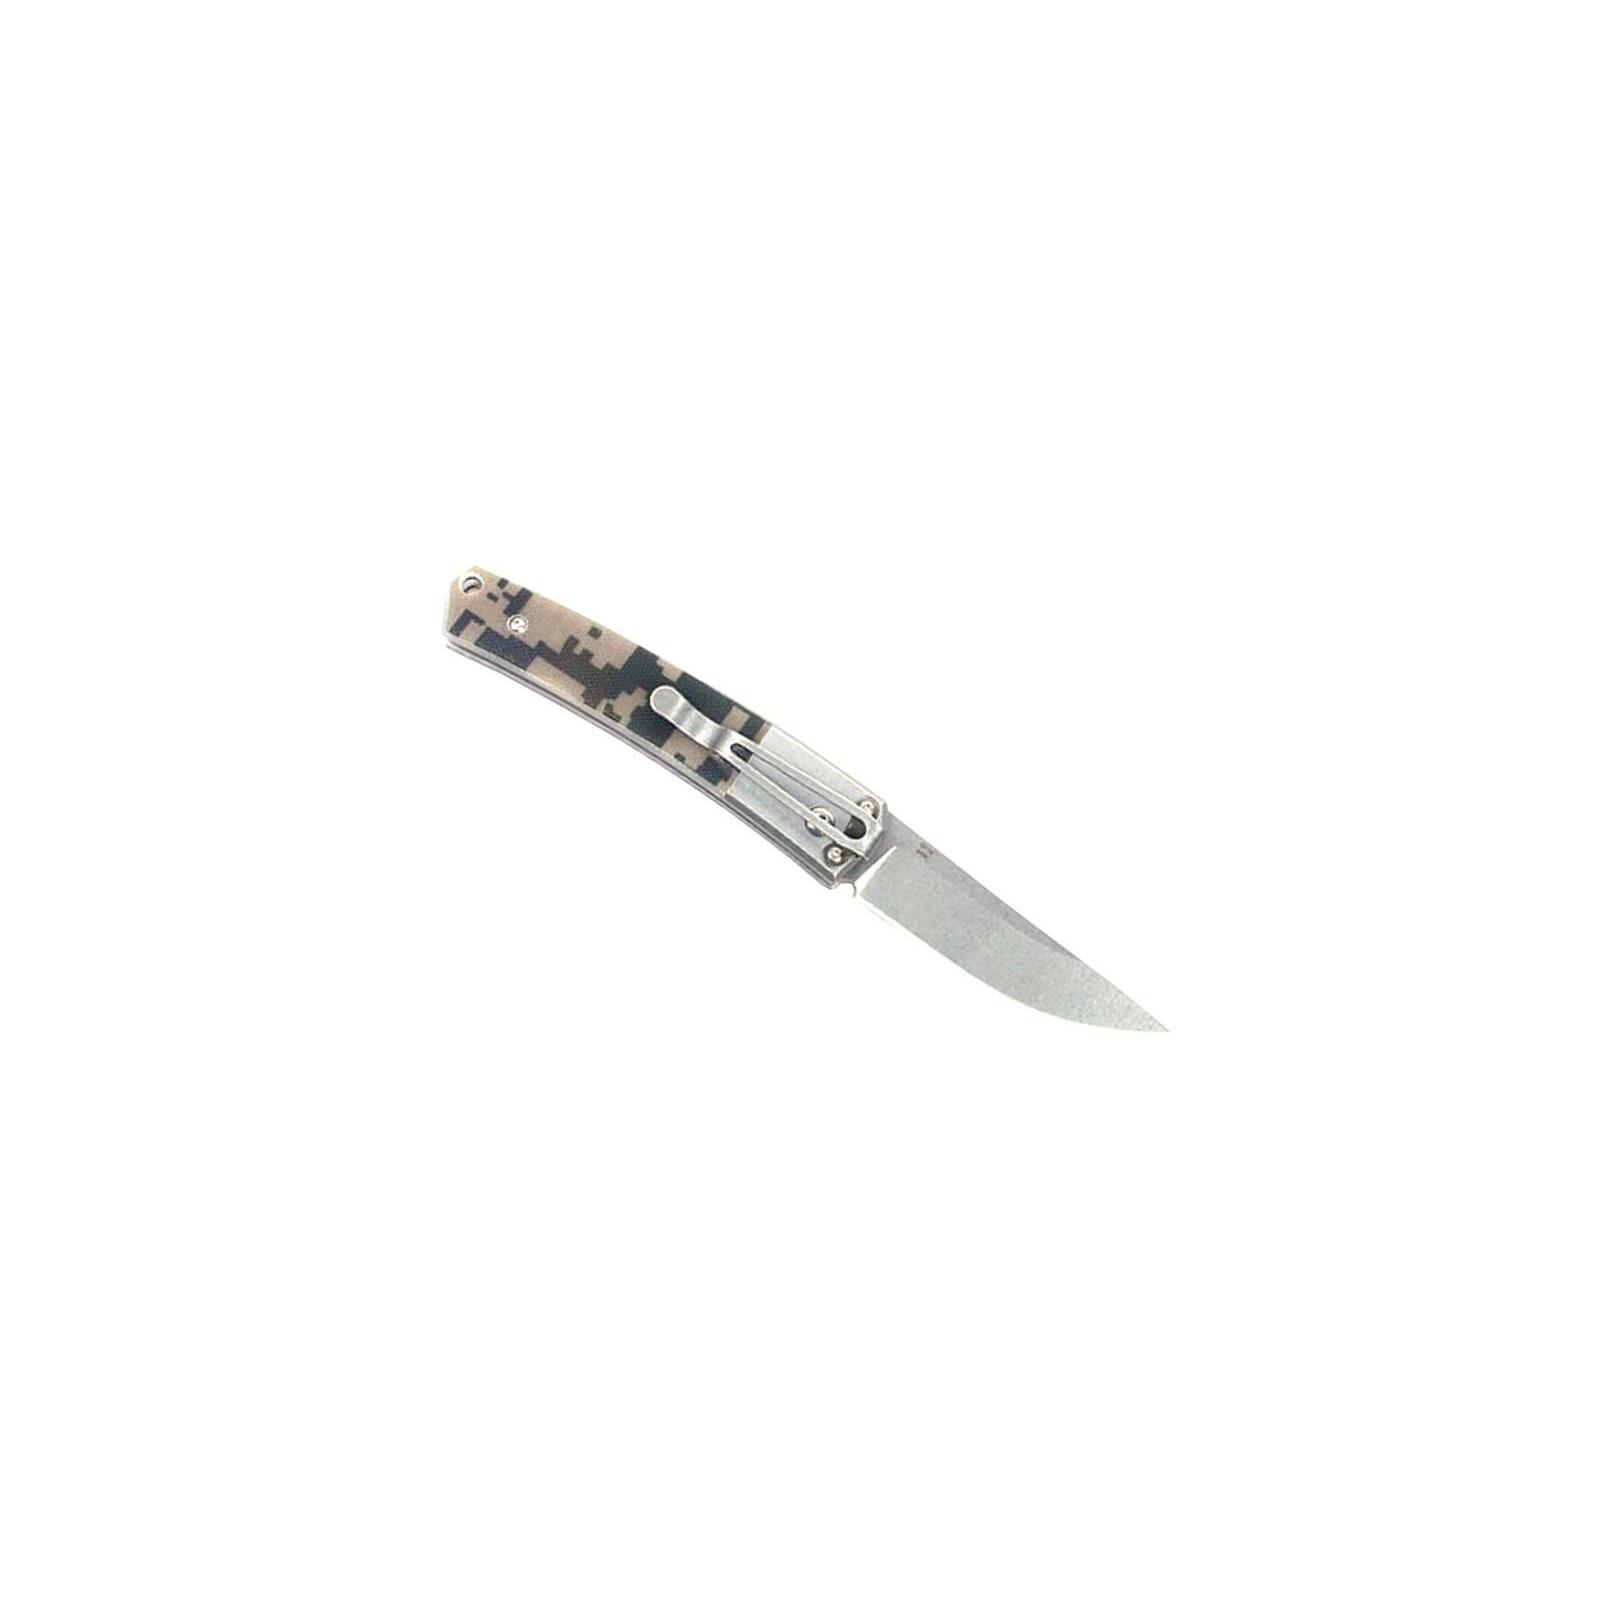 Нож Ganzo G7362-CA камуфляж (G7362-CA) изображение 2